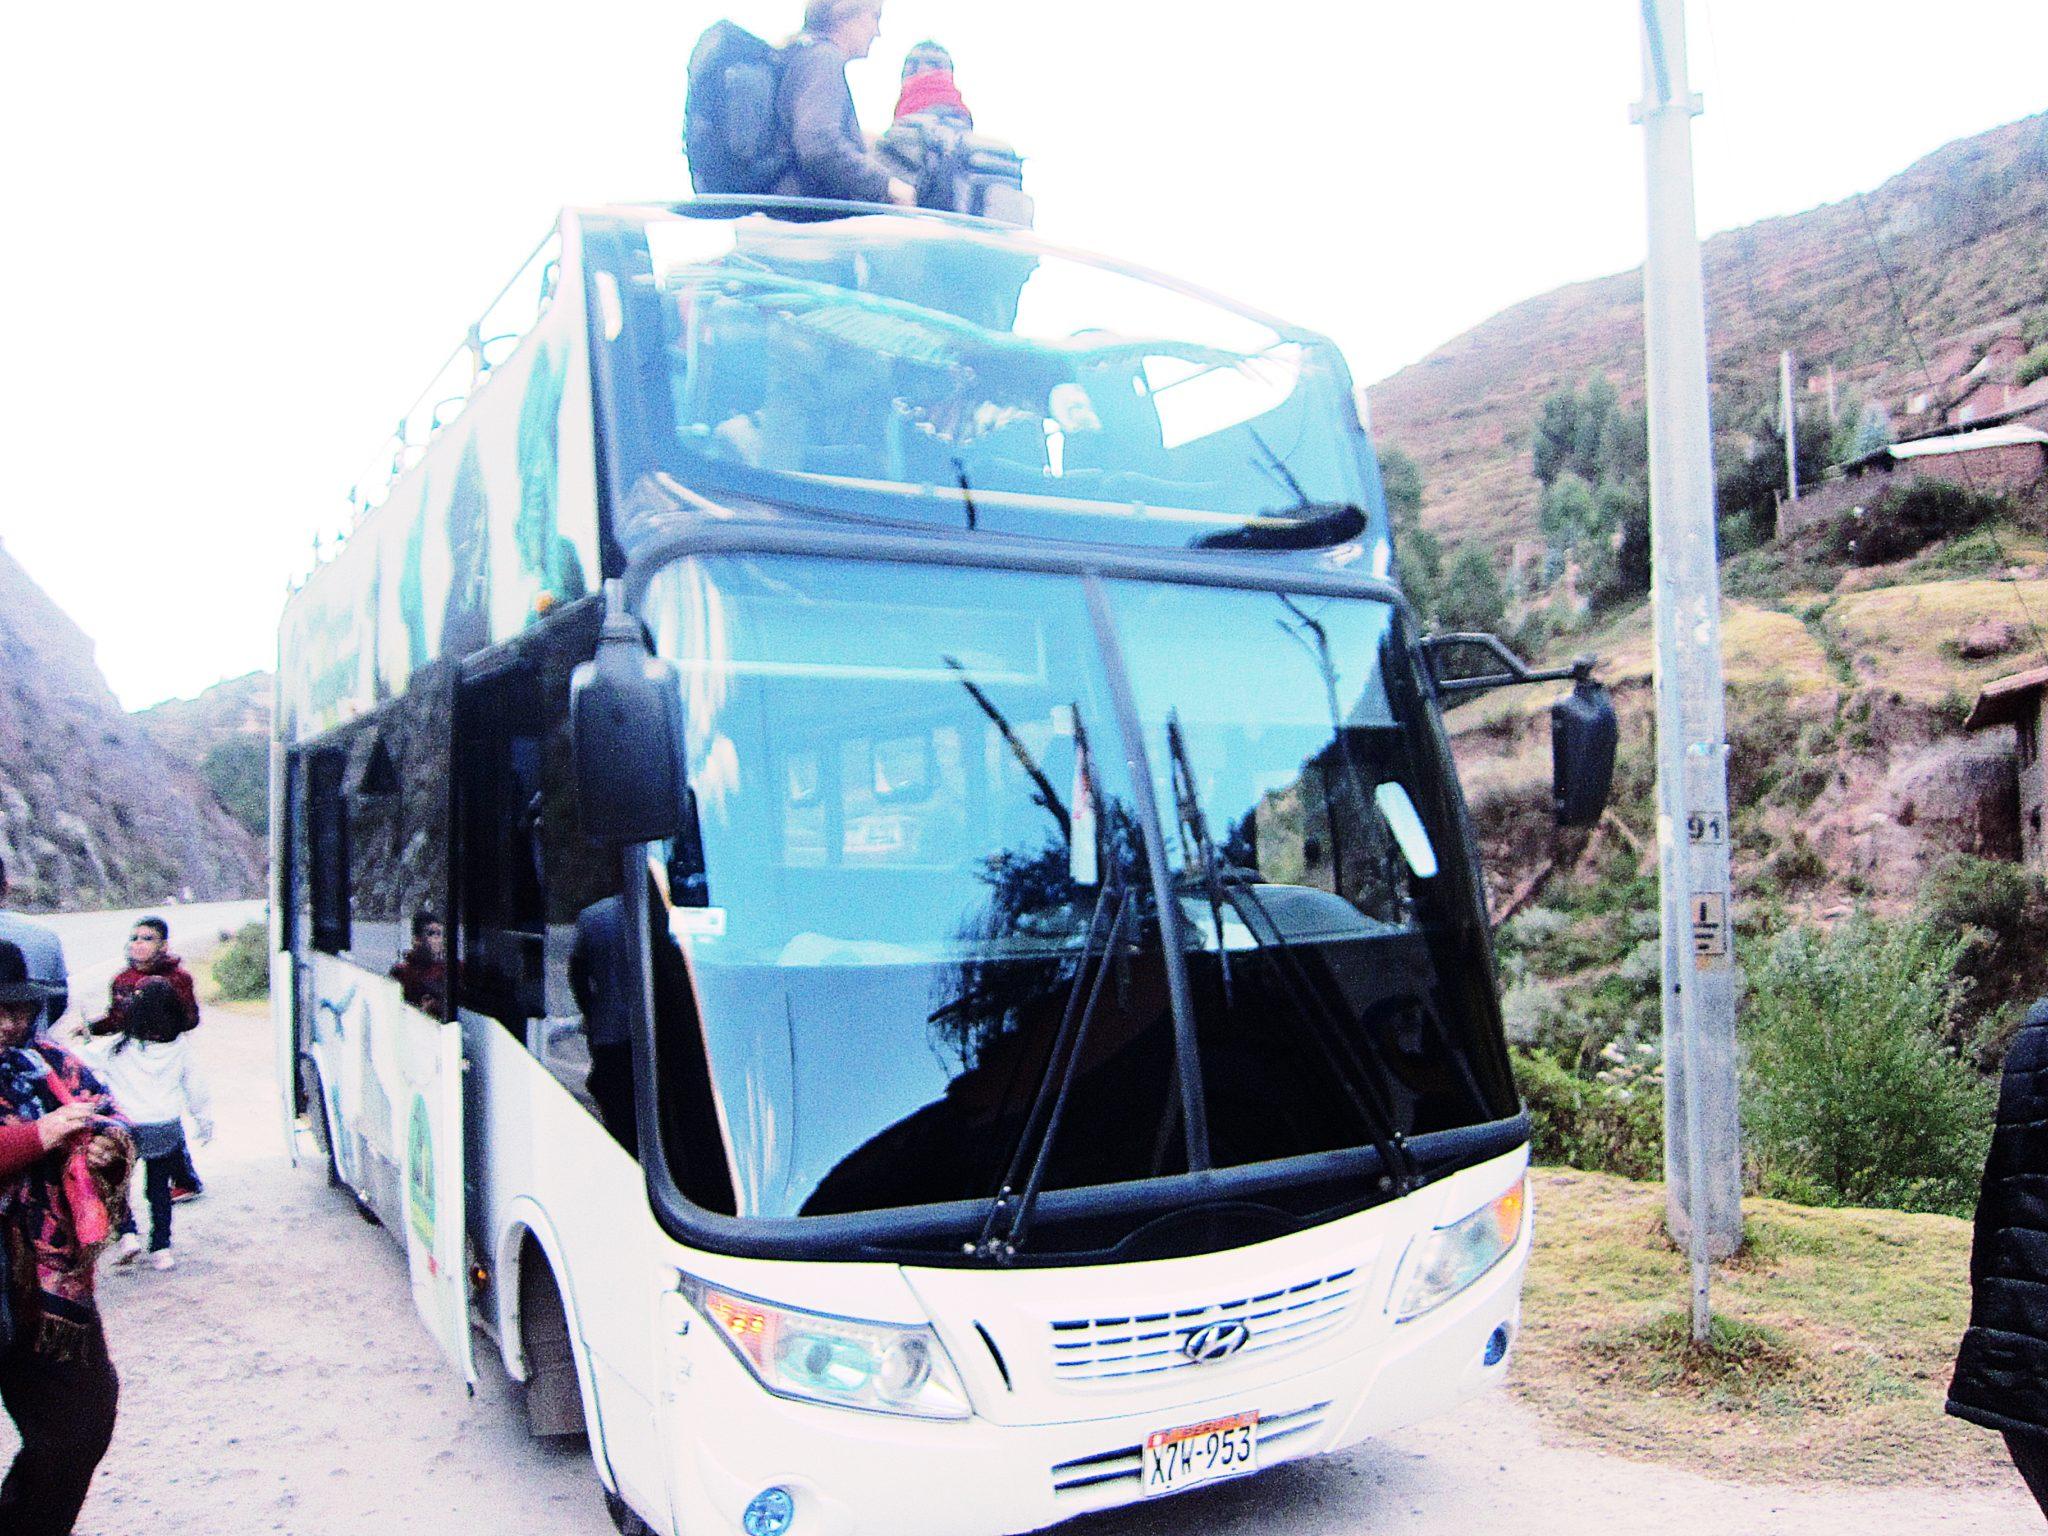 ペルー, クスコ, バス, 観光, ツアー, アルパカ, コンドル